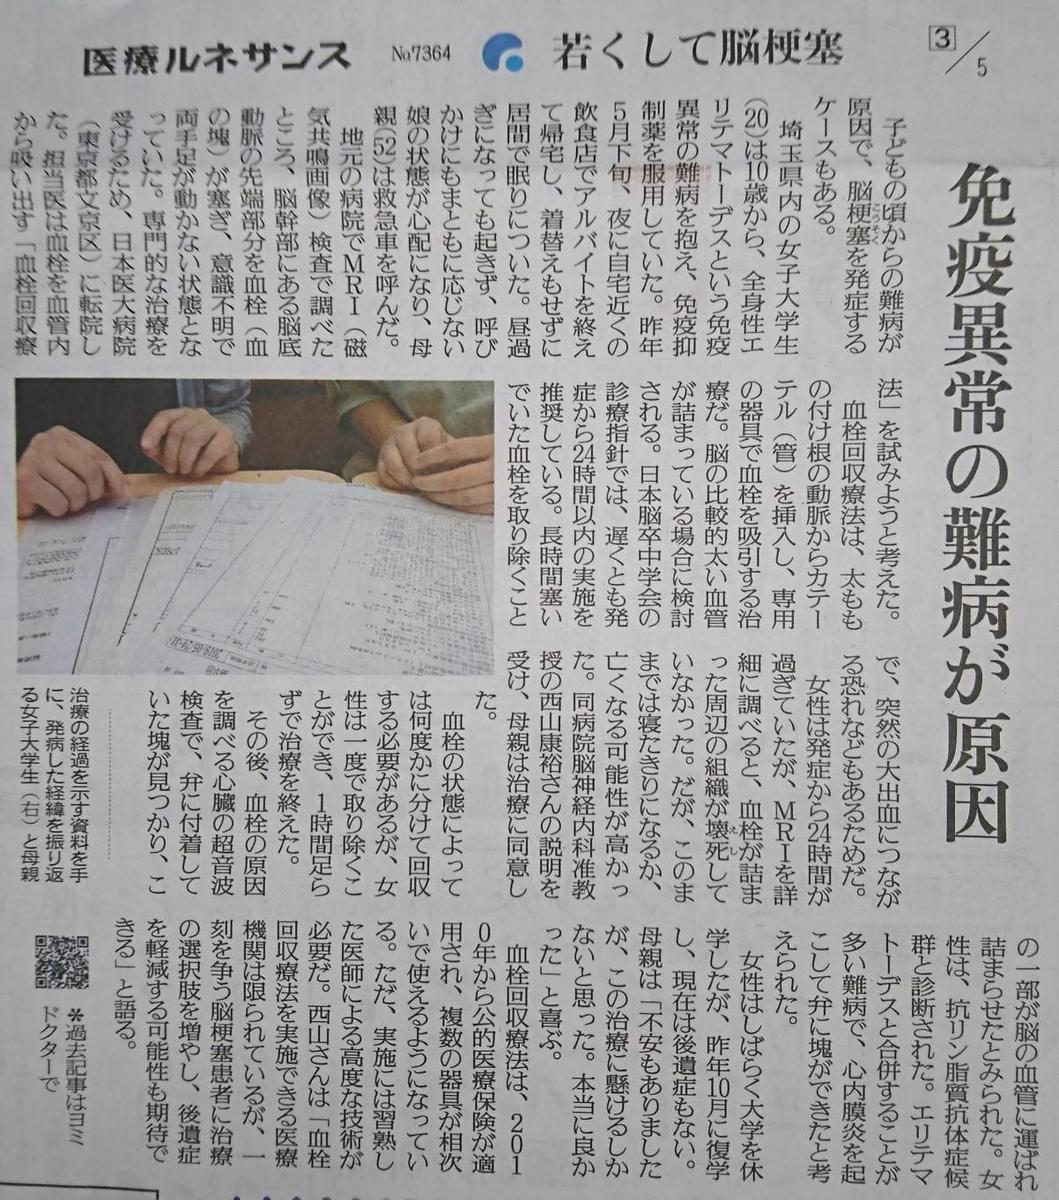 f:id:kazura-kobayashi:20200916164034j:plain